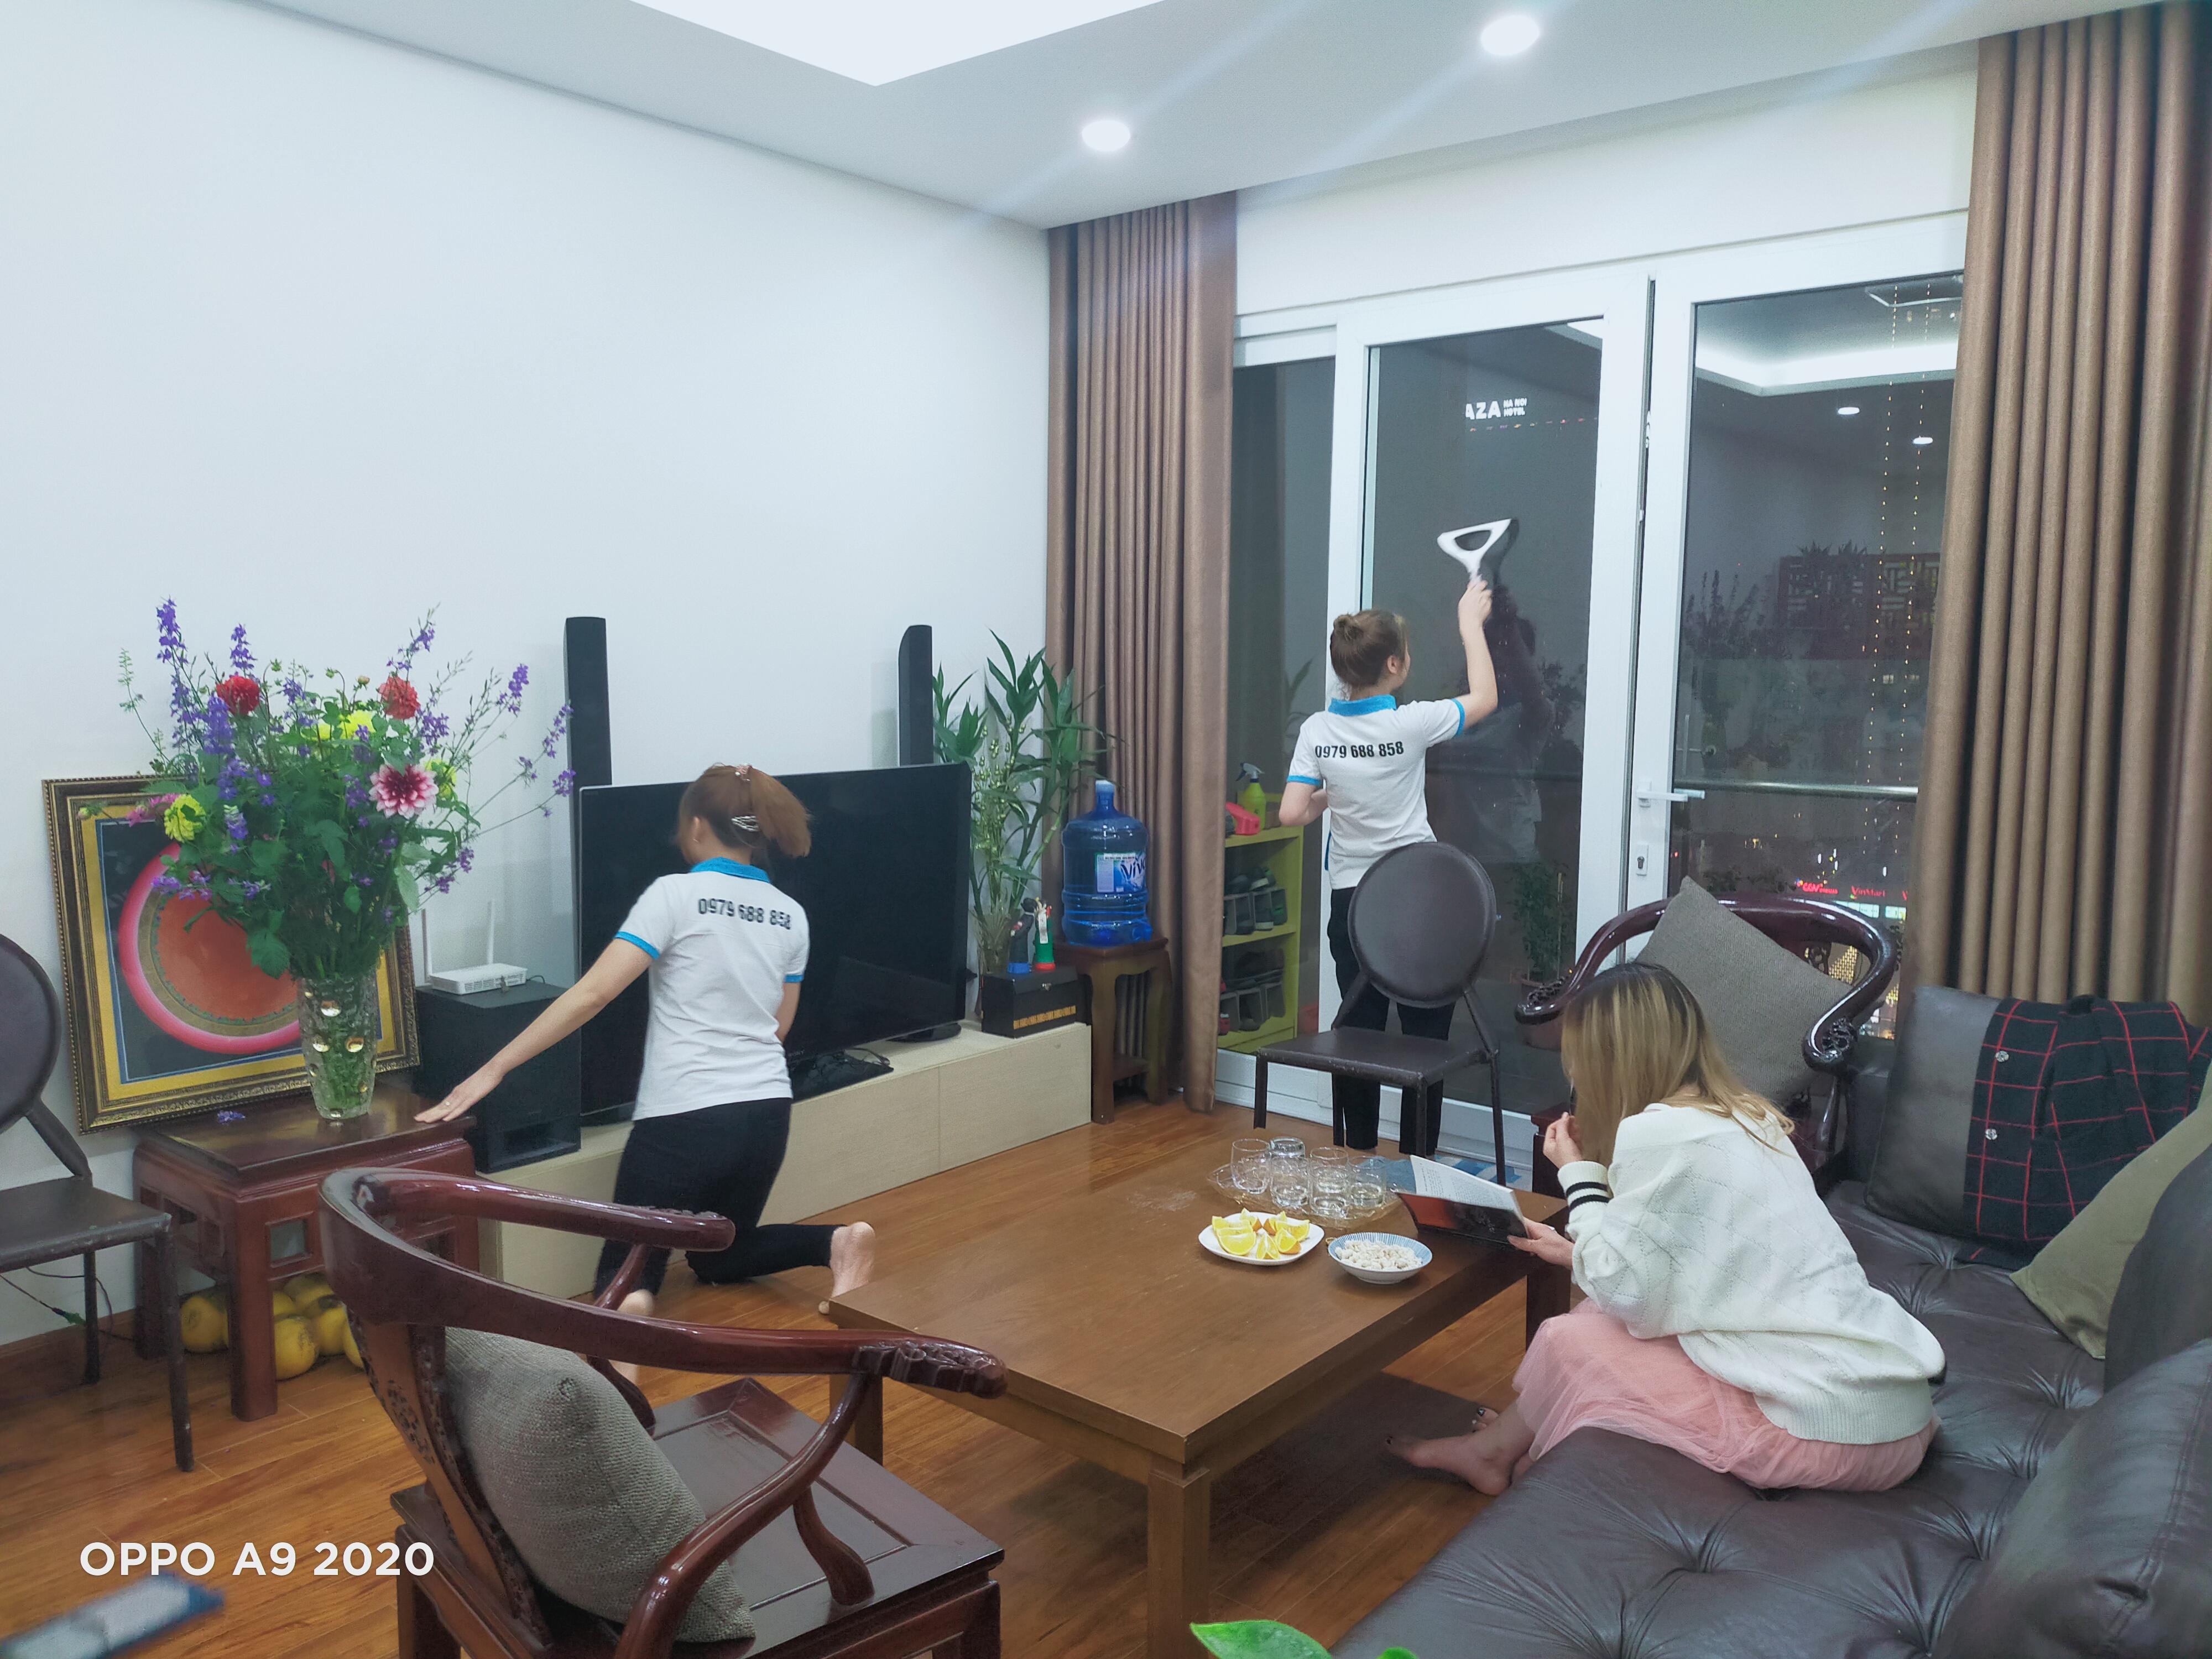 Cung cấp người giúp việc cho khách hàng tại chung cư 55 Lê Đại Hành